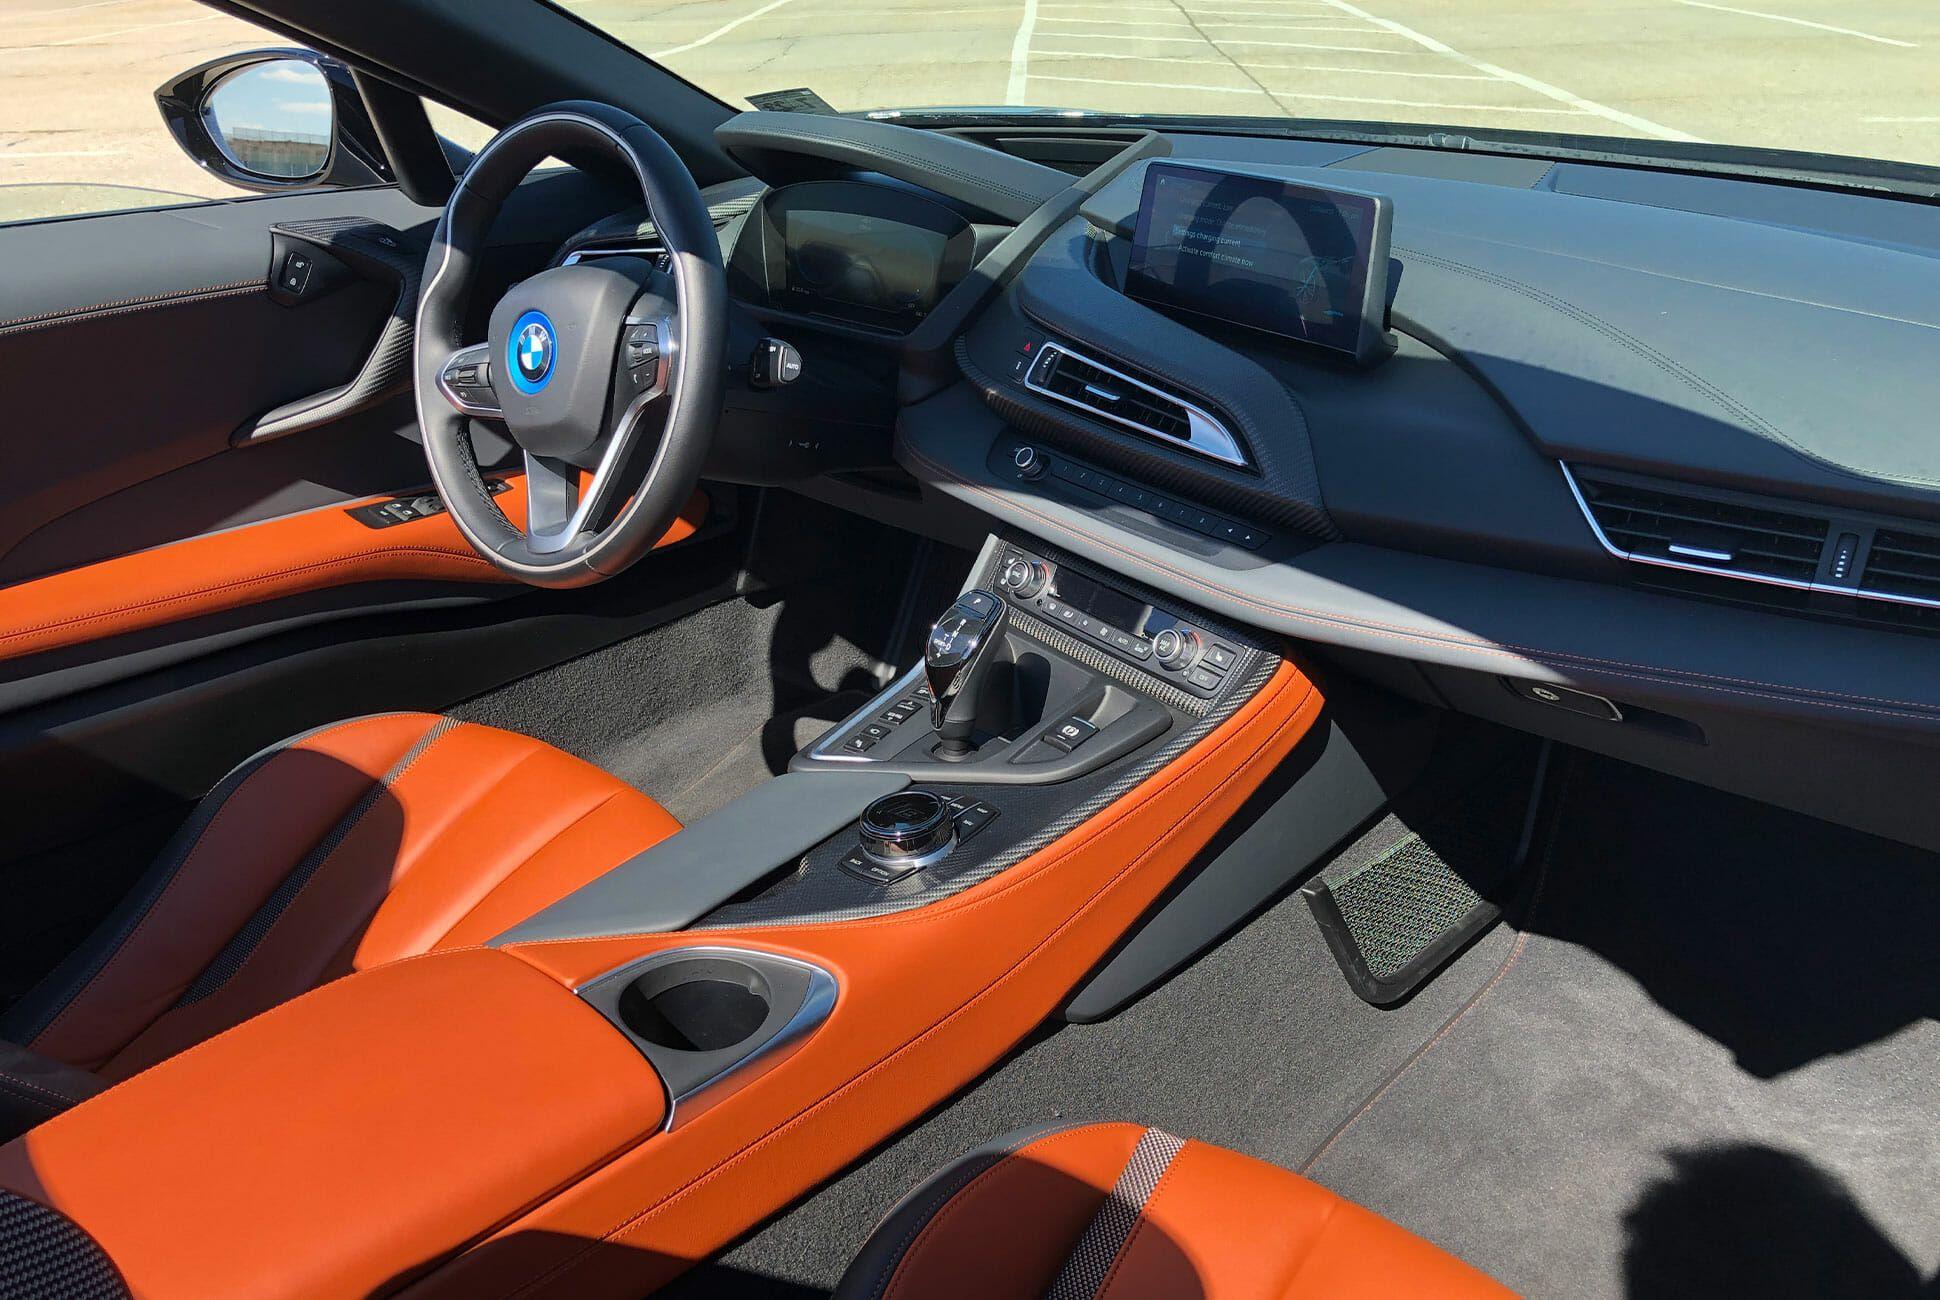 i8-Roadster-Review-Gear-Patrol-slide-4-v2